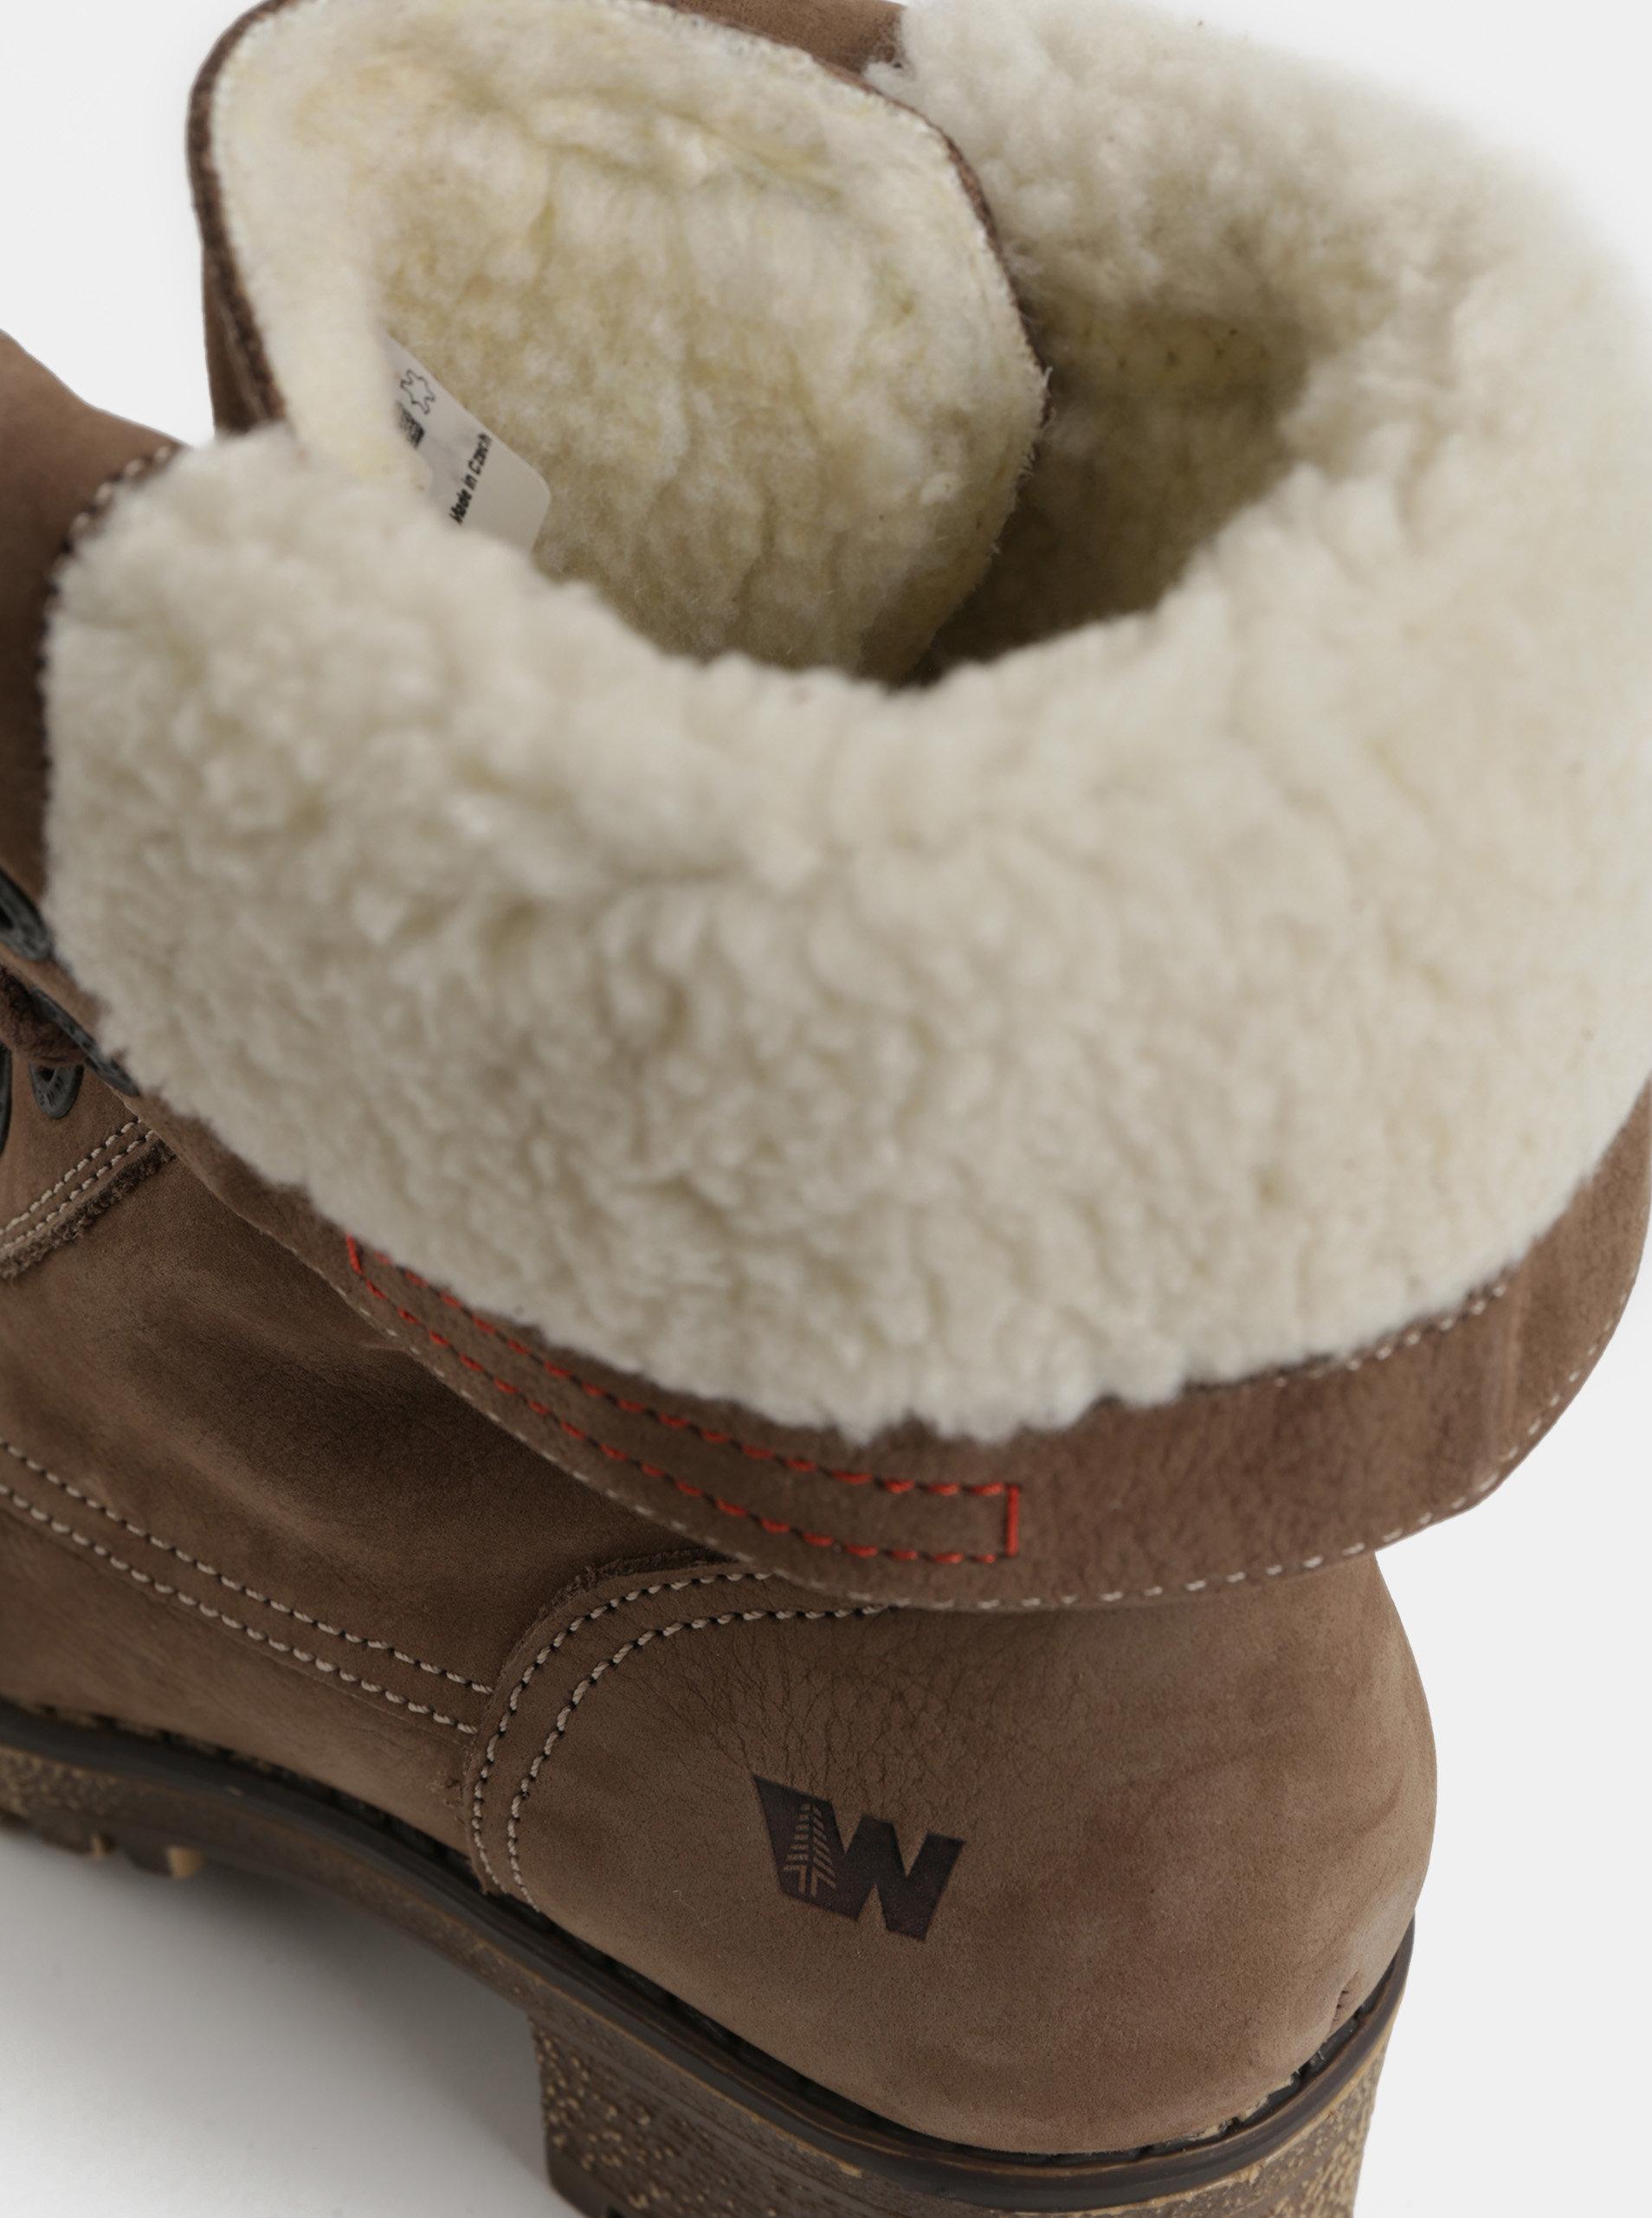 Hnedé dámske kožené členkové zimné topánky na podpätku Weinbrenner ... 67c509df22d